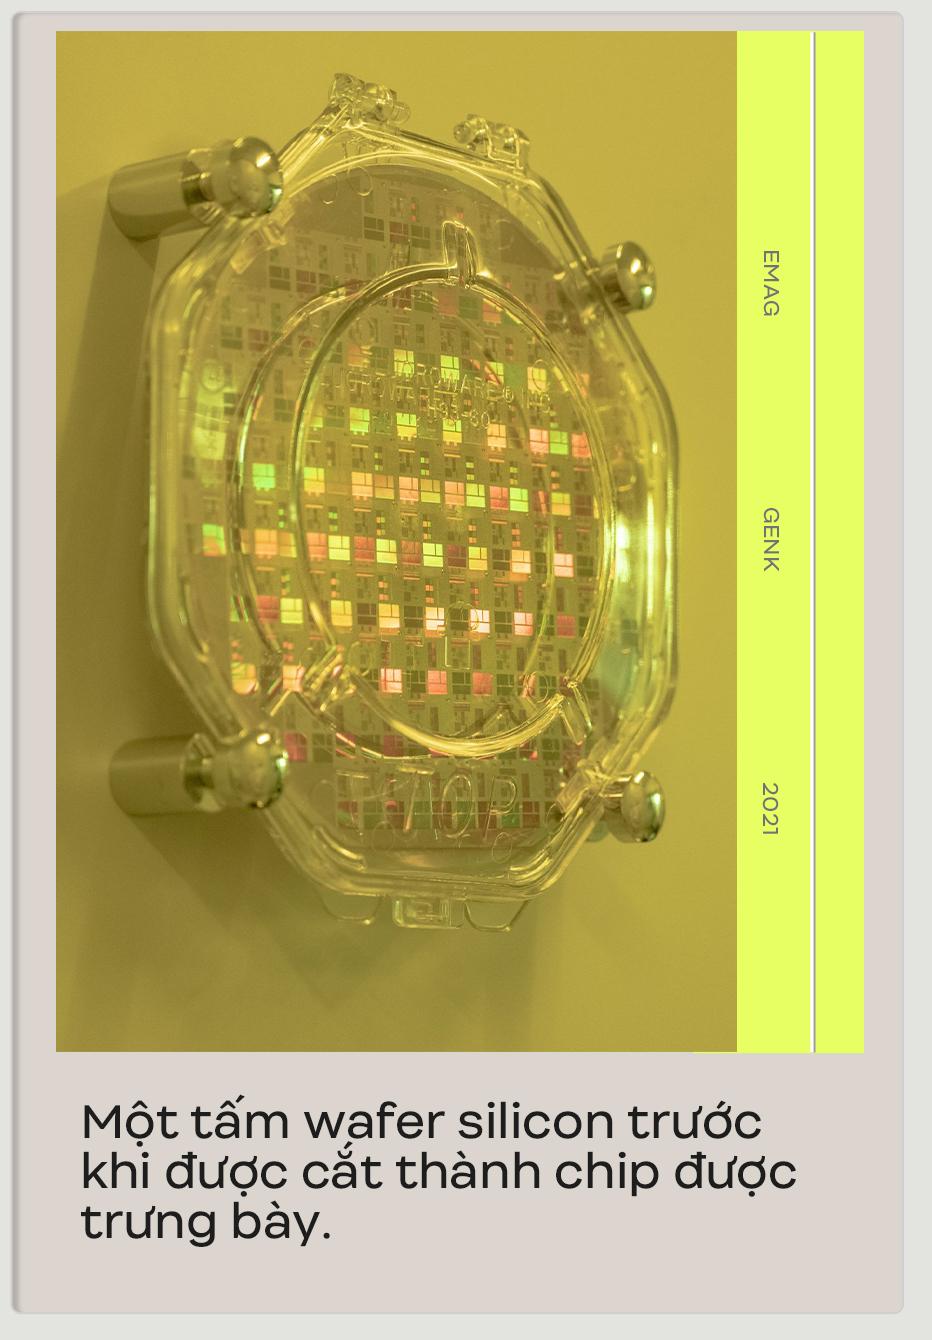 Những câu chuyện ít biết về TSMC - trung tâm của cuộc chạy đua công nghệ bán dẫn toàn cầu - Ảnh 2.